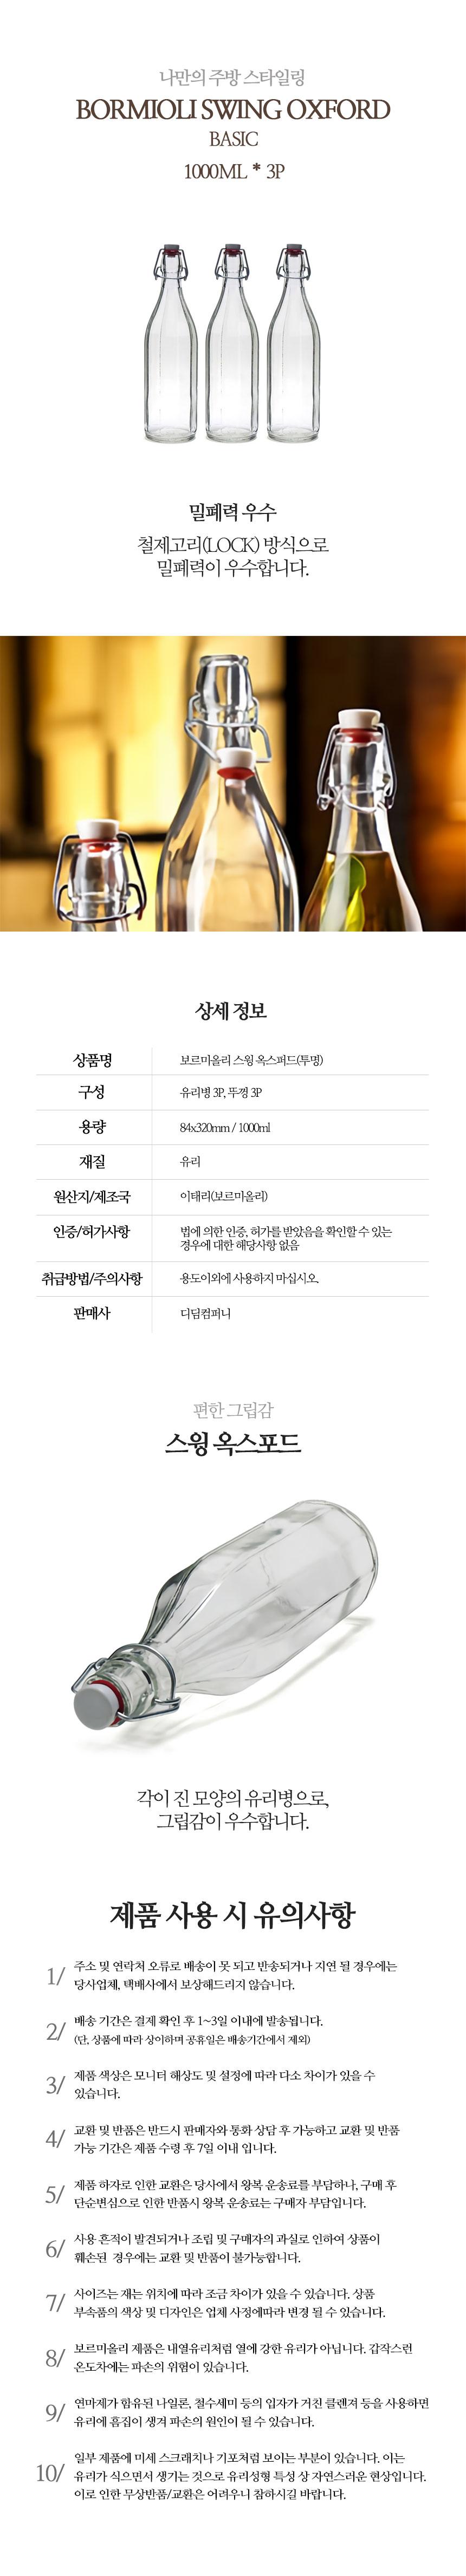 보르미올리 스윙 옥스퍼드 1000mlx3P - 룸바이디자인, 13,900원, 보틀/텀블러, 보틀